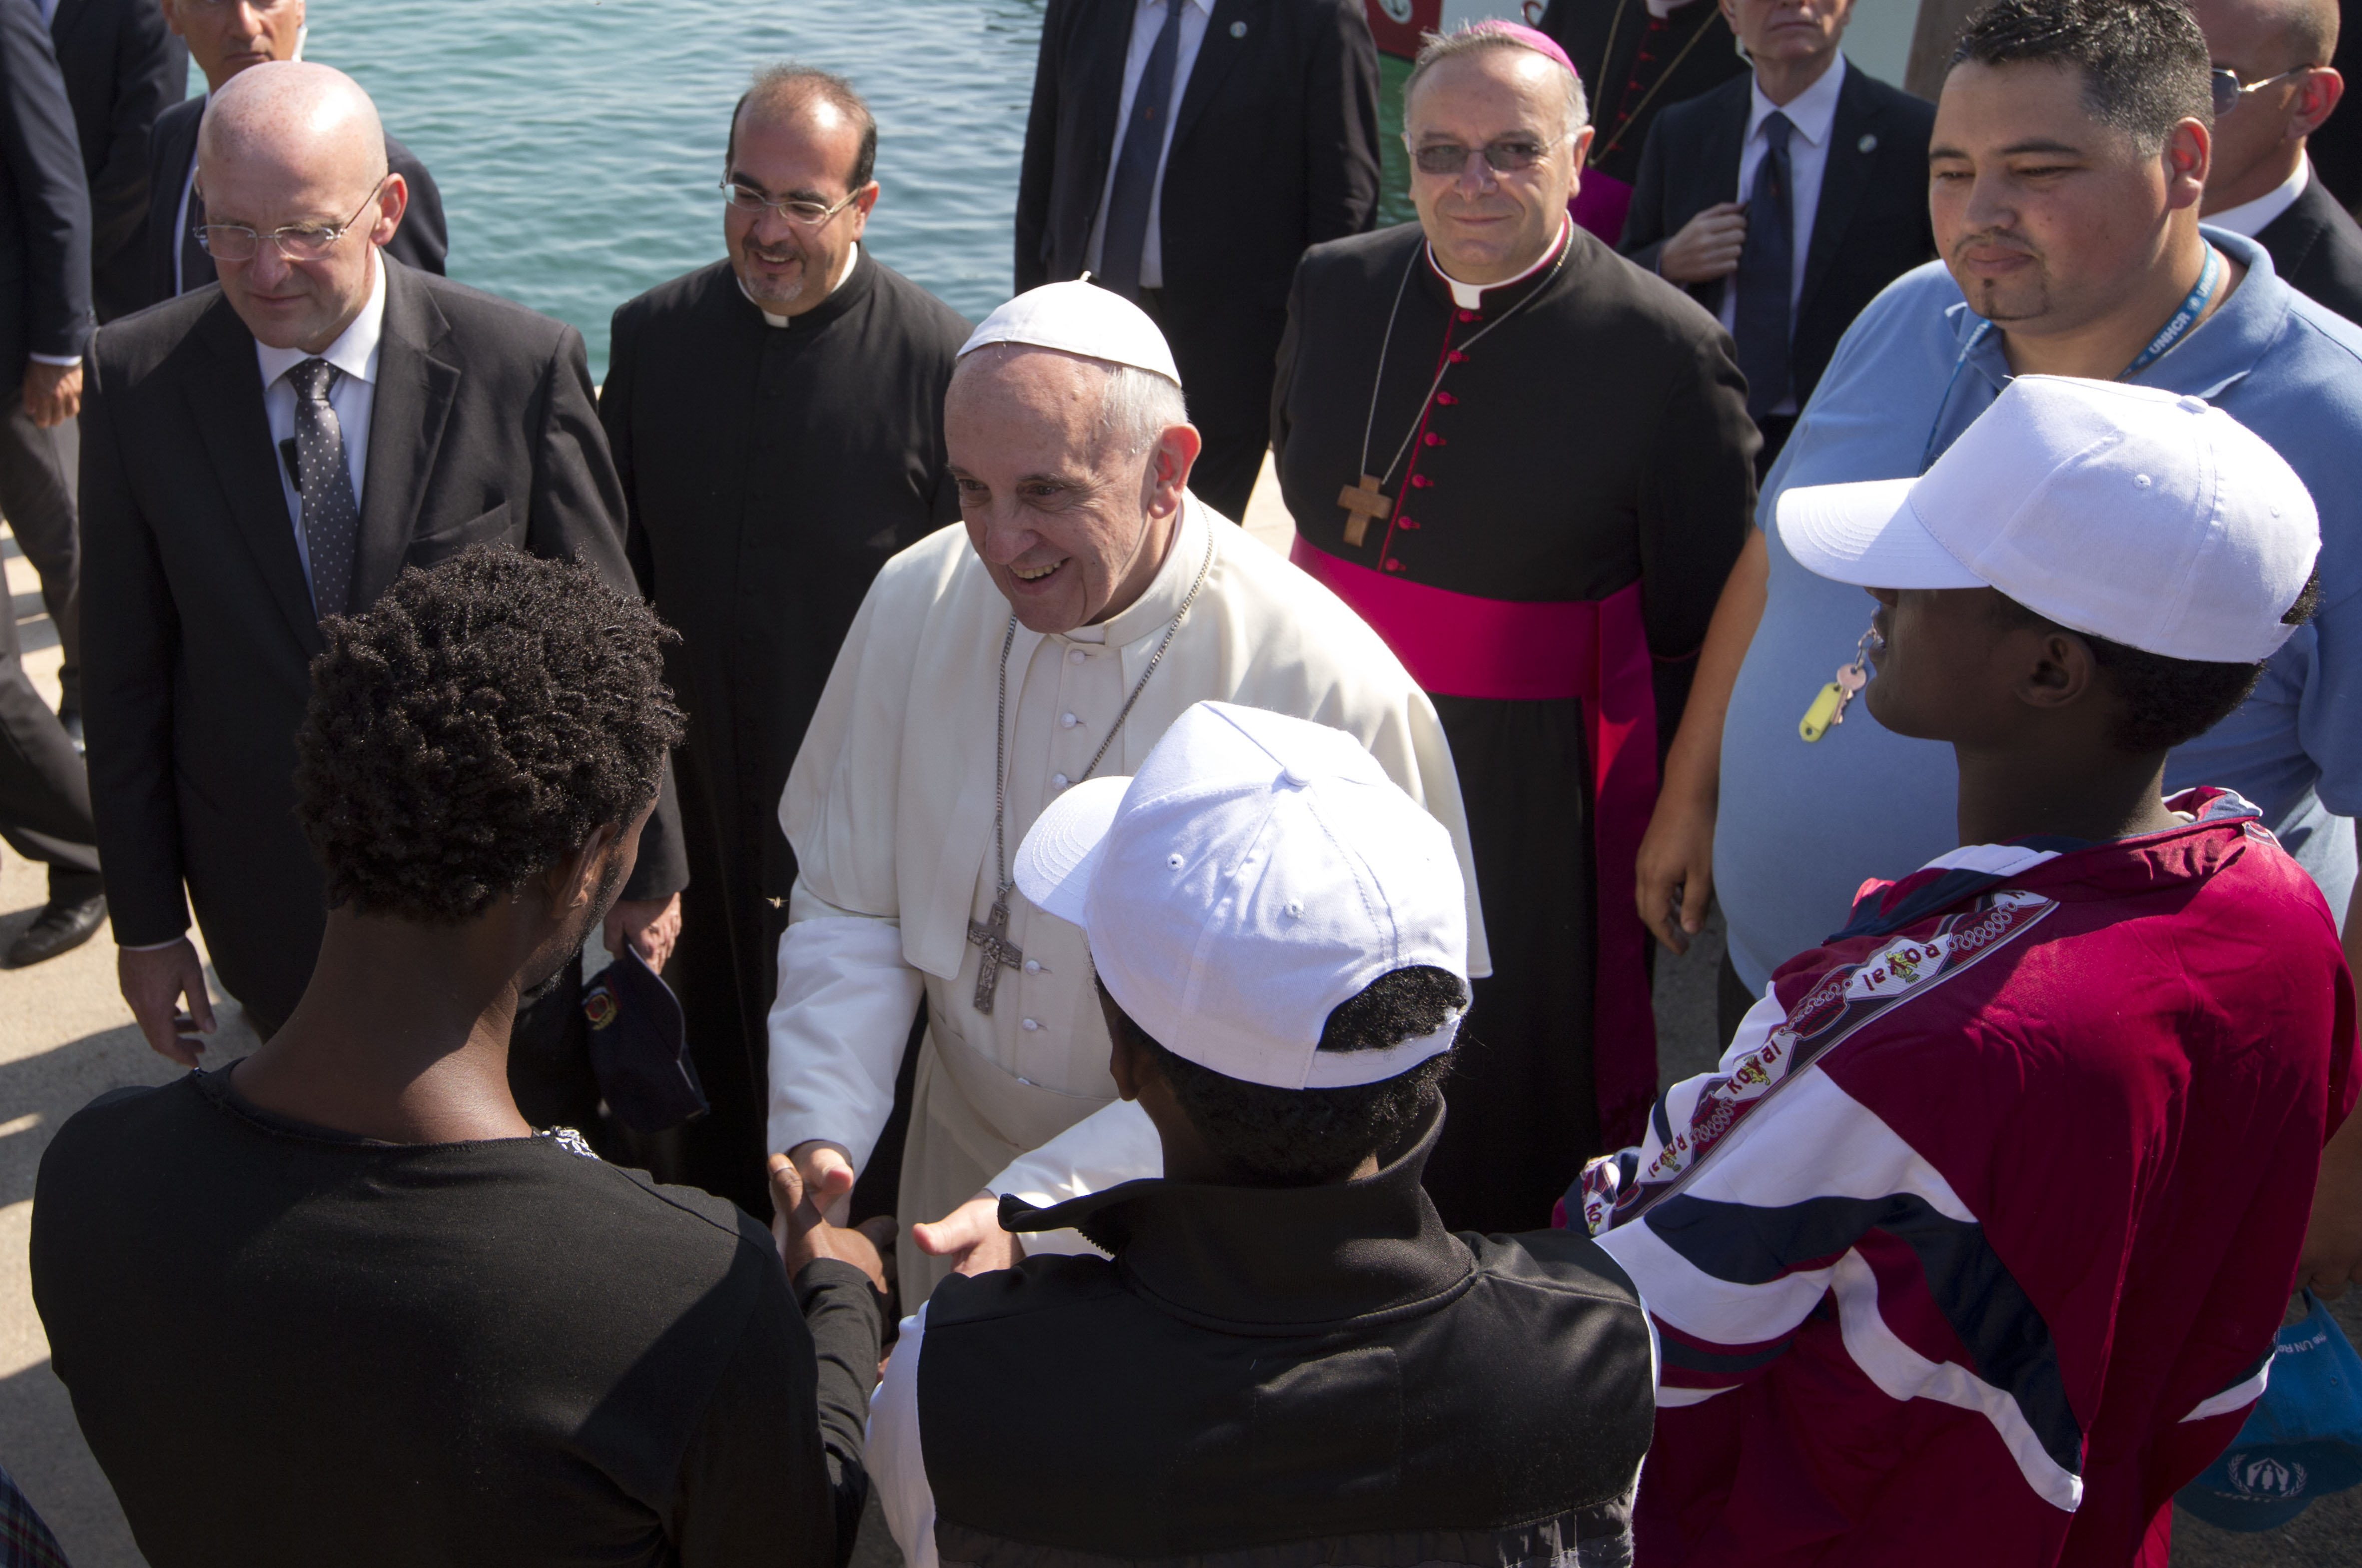 A Vatikán fogadta be azokat a menedékkérőket, akiket Salvini nem enged be Olaszországba